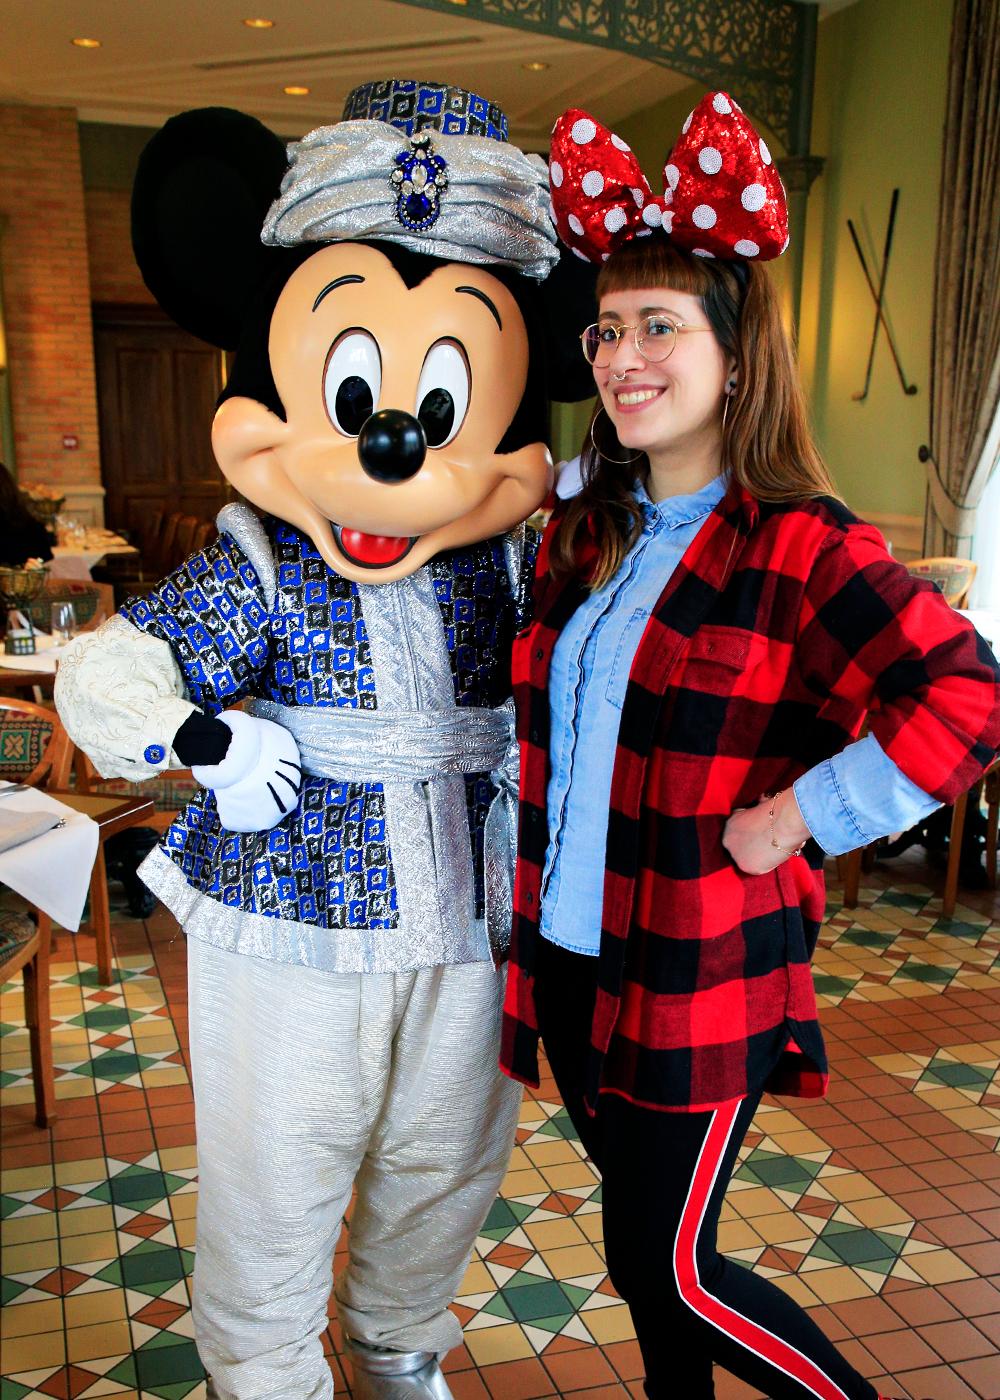 [Trip Report DLP] ÉPISODE BONUS : A Whole New World au Disneyland Hotel - Page 2 Brunch_10